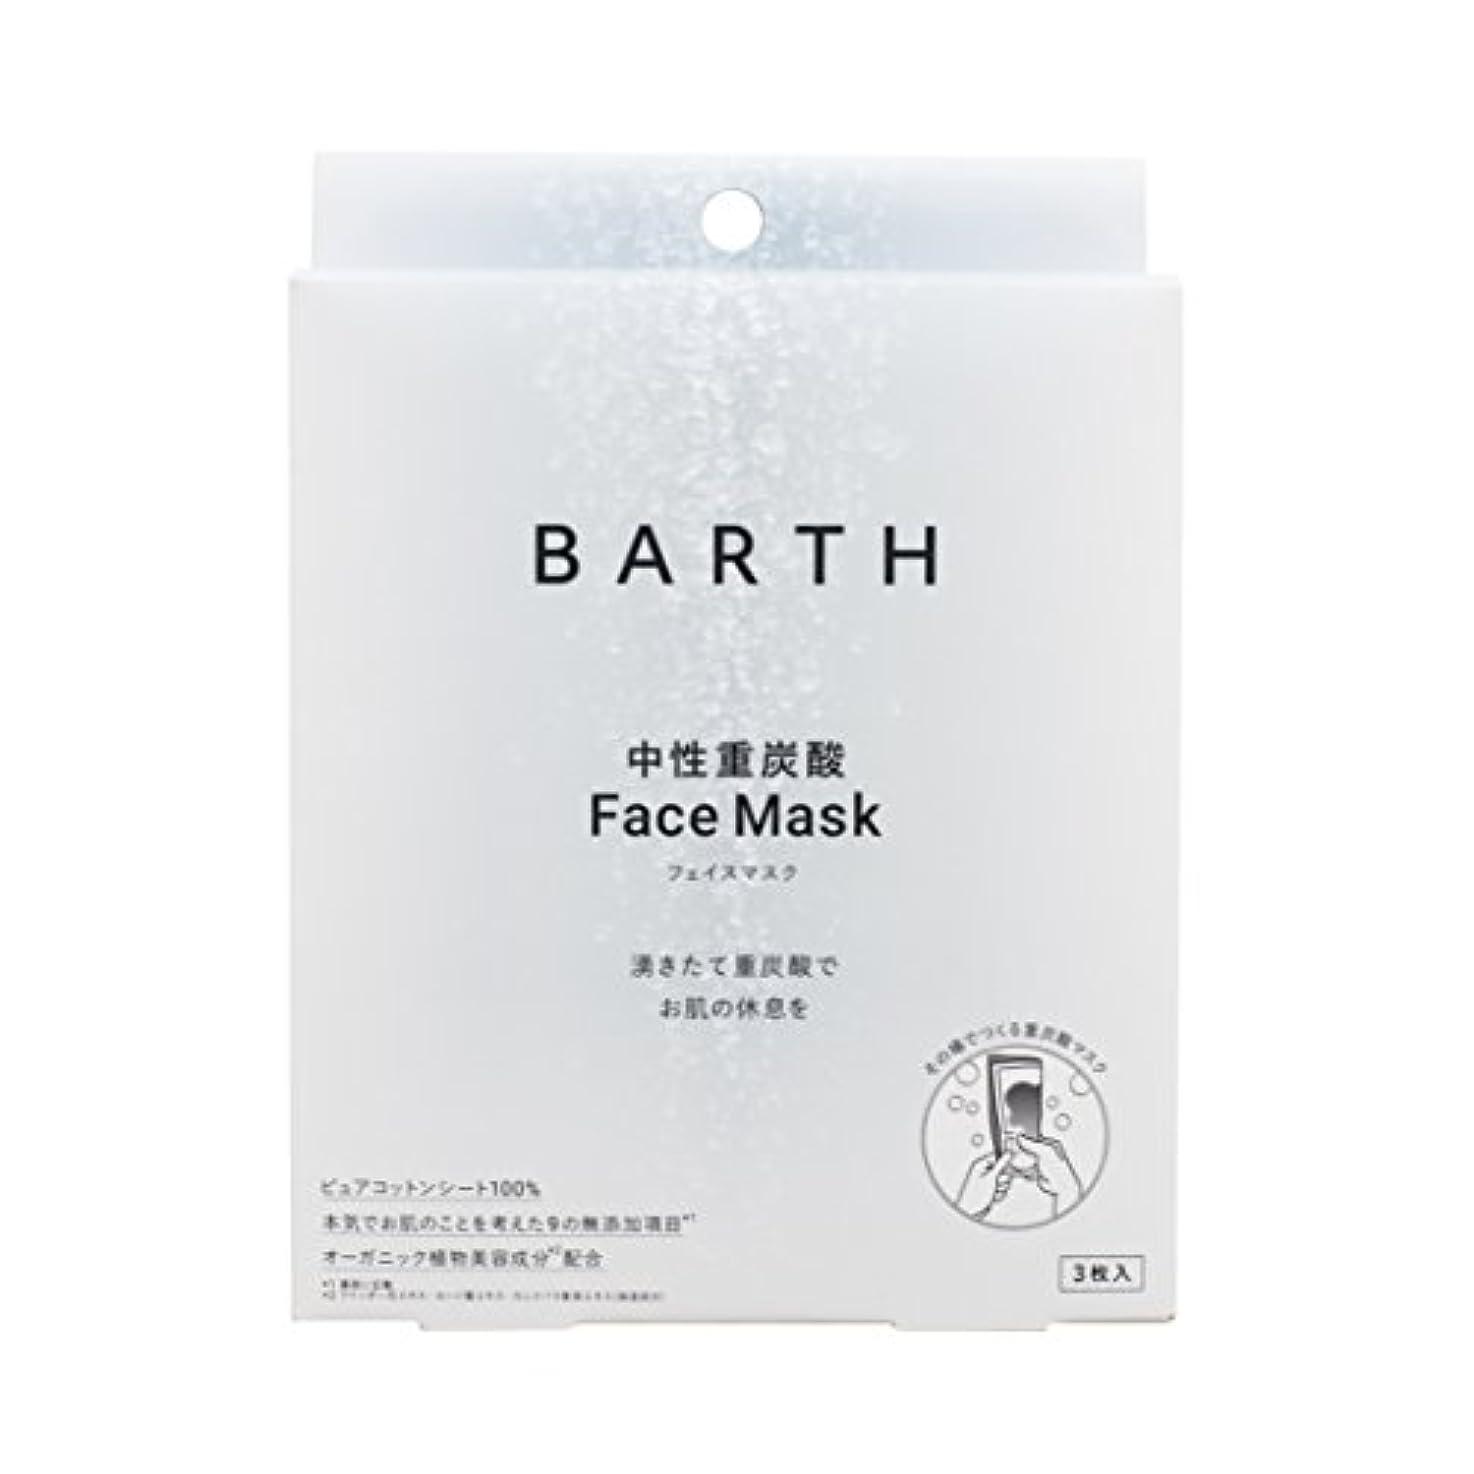 カーペット刺す逆さまにBARTH【バース】 中性 重炭酸 フェイスマスク (無添加 日本製 ピュアコットン 100% オーガニック植物美容成分3種入り) (3包入り)